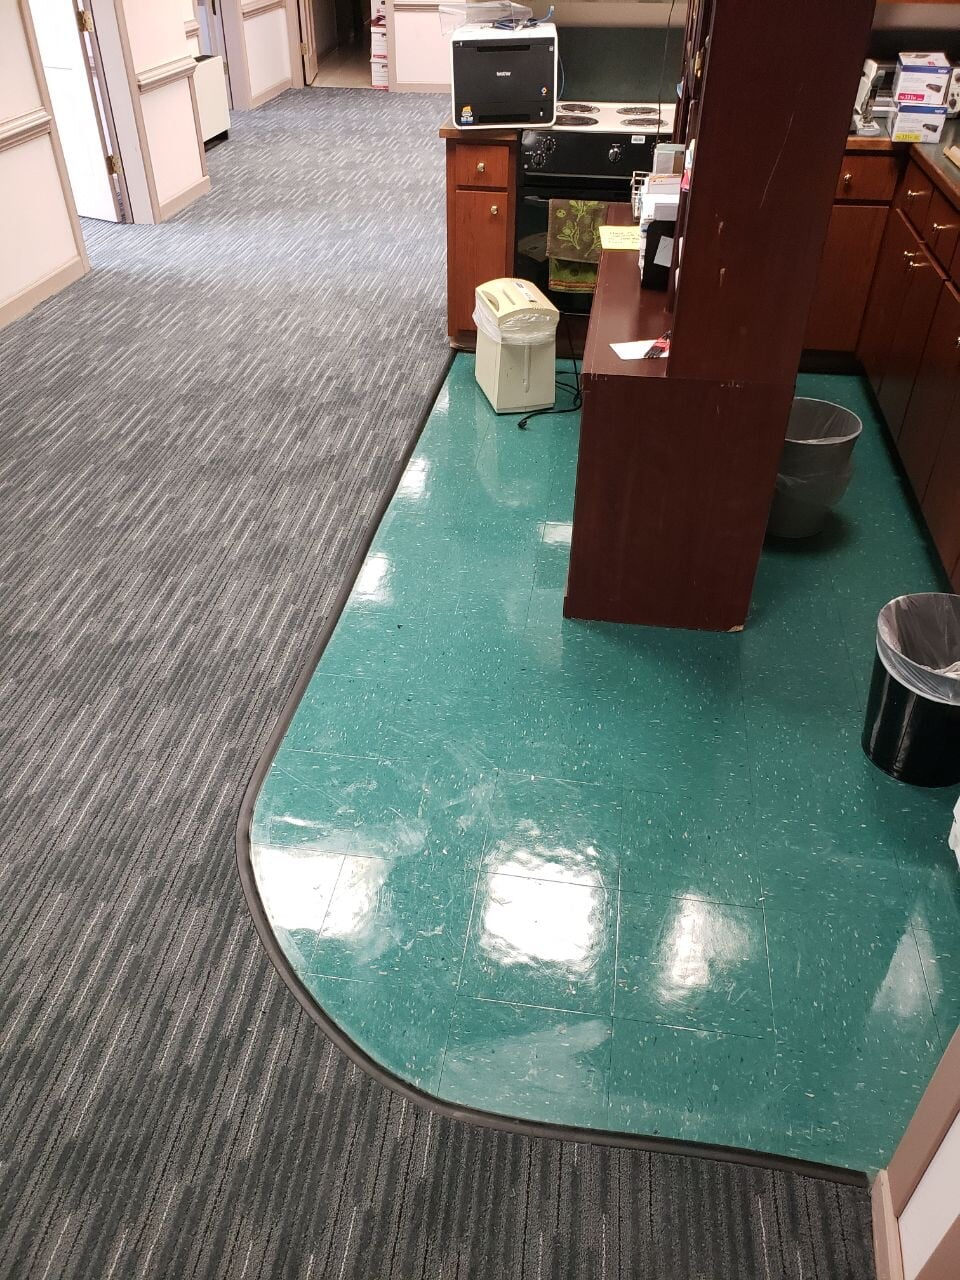 Commercial vinyl flooring in Gallatin, TN from Absolute Flooring Inc